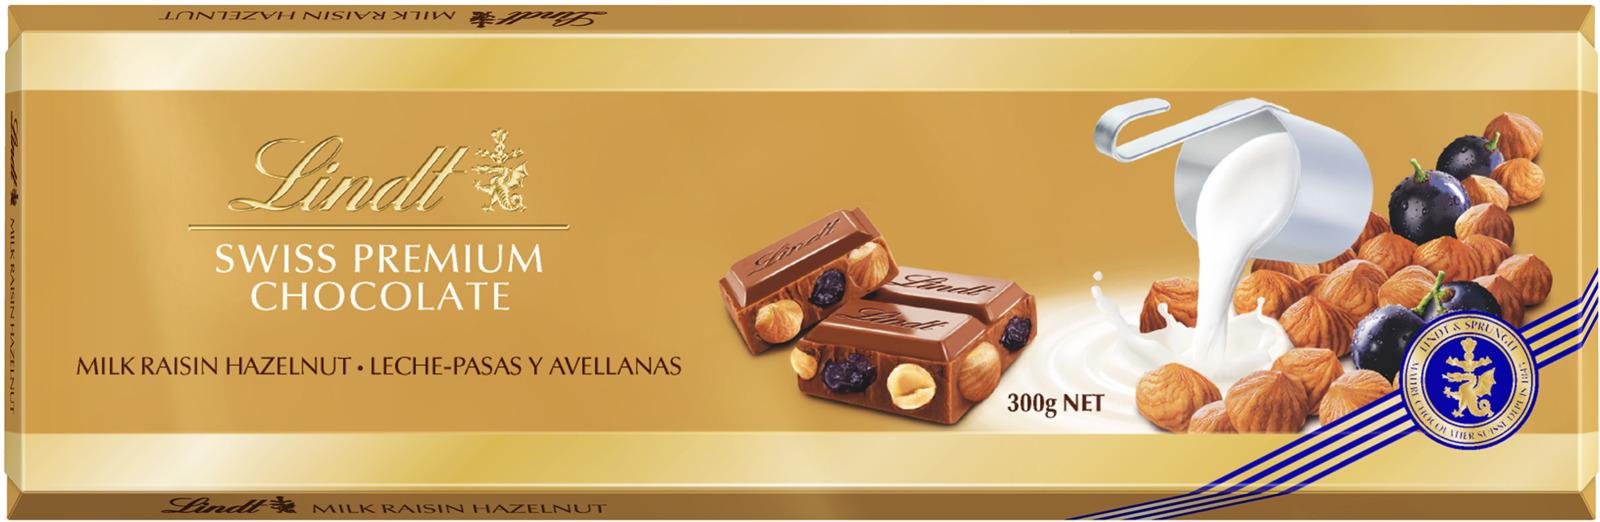 Lindt Gold молочный шоколад с изюмом и цельным фундуком, 300 г шоколад lindt lindor молочный 200г